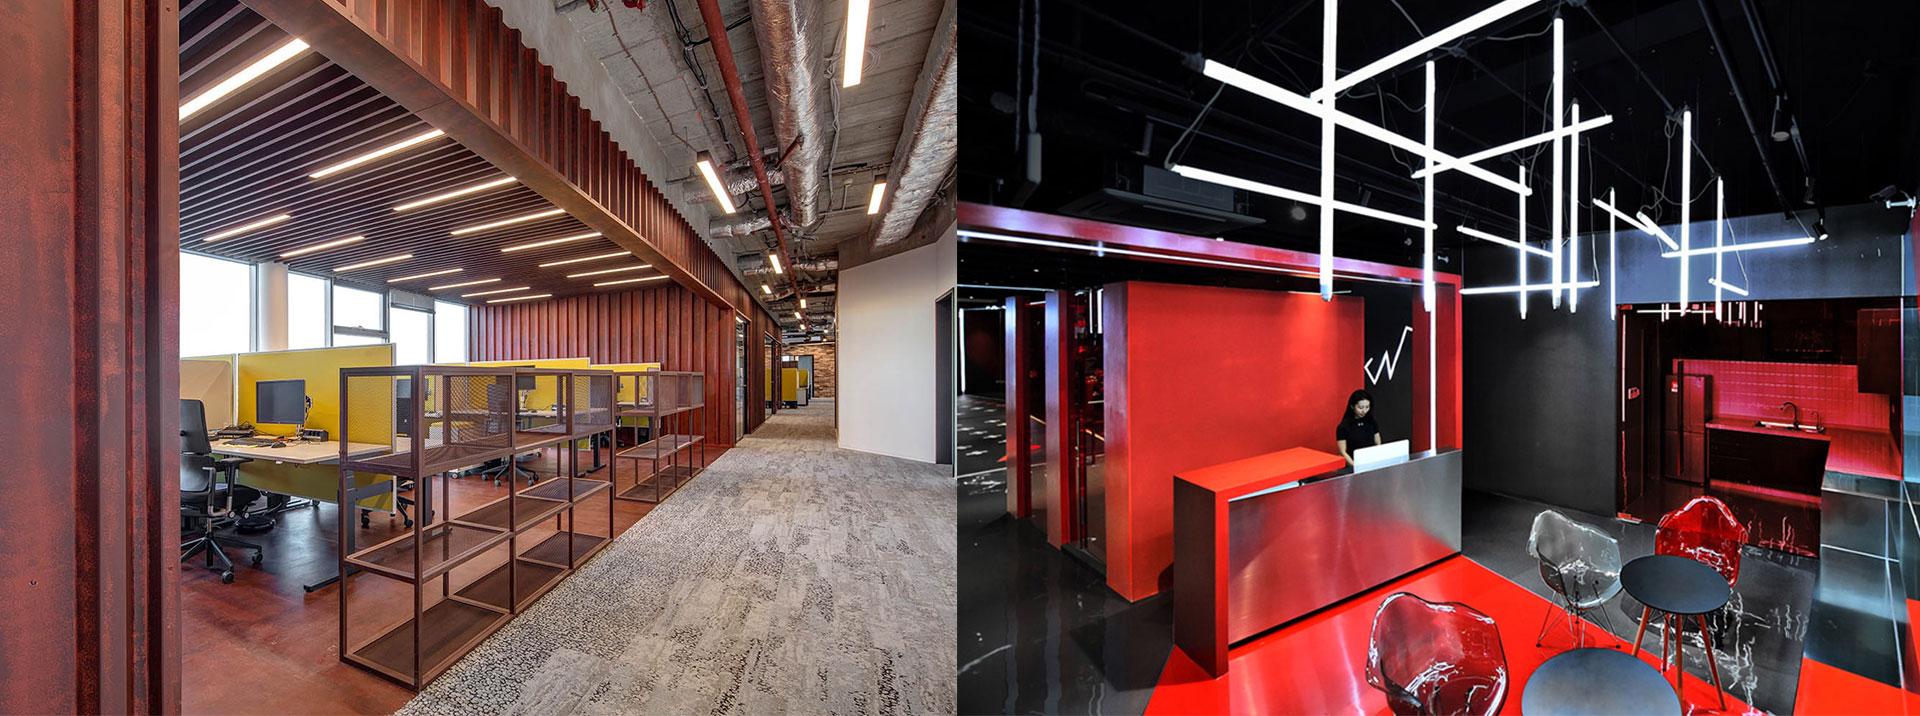 Application of LED 4ft tube light housing